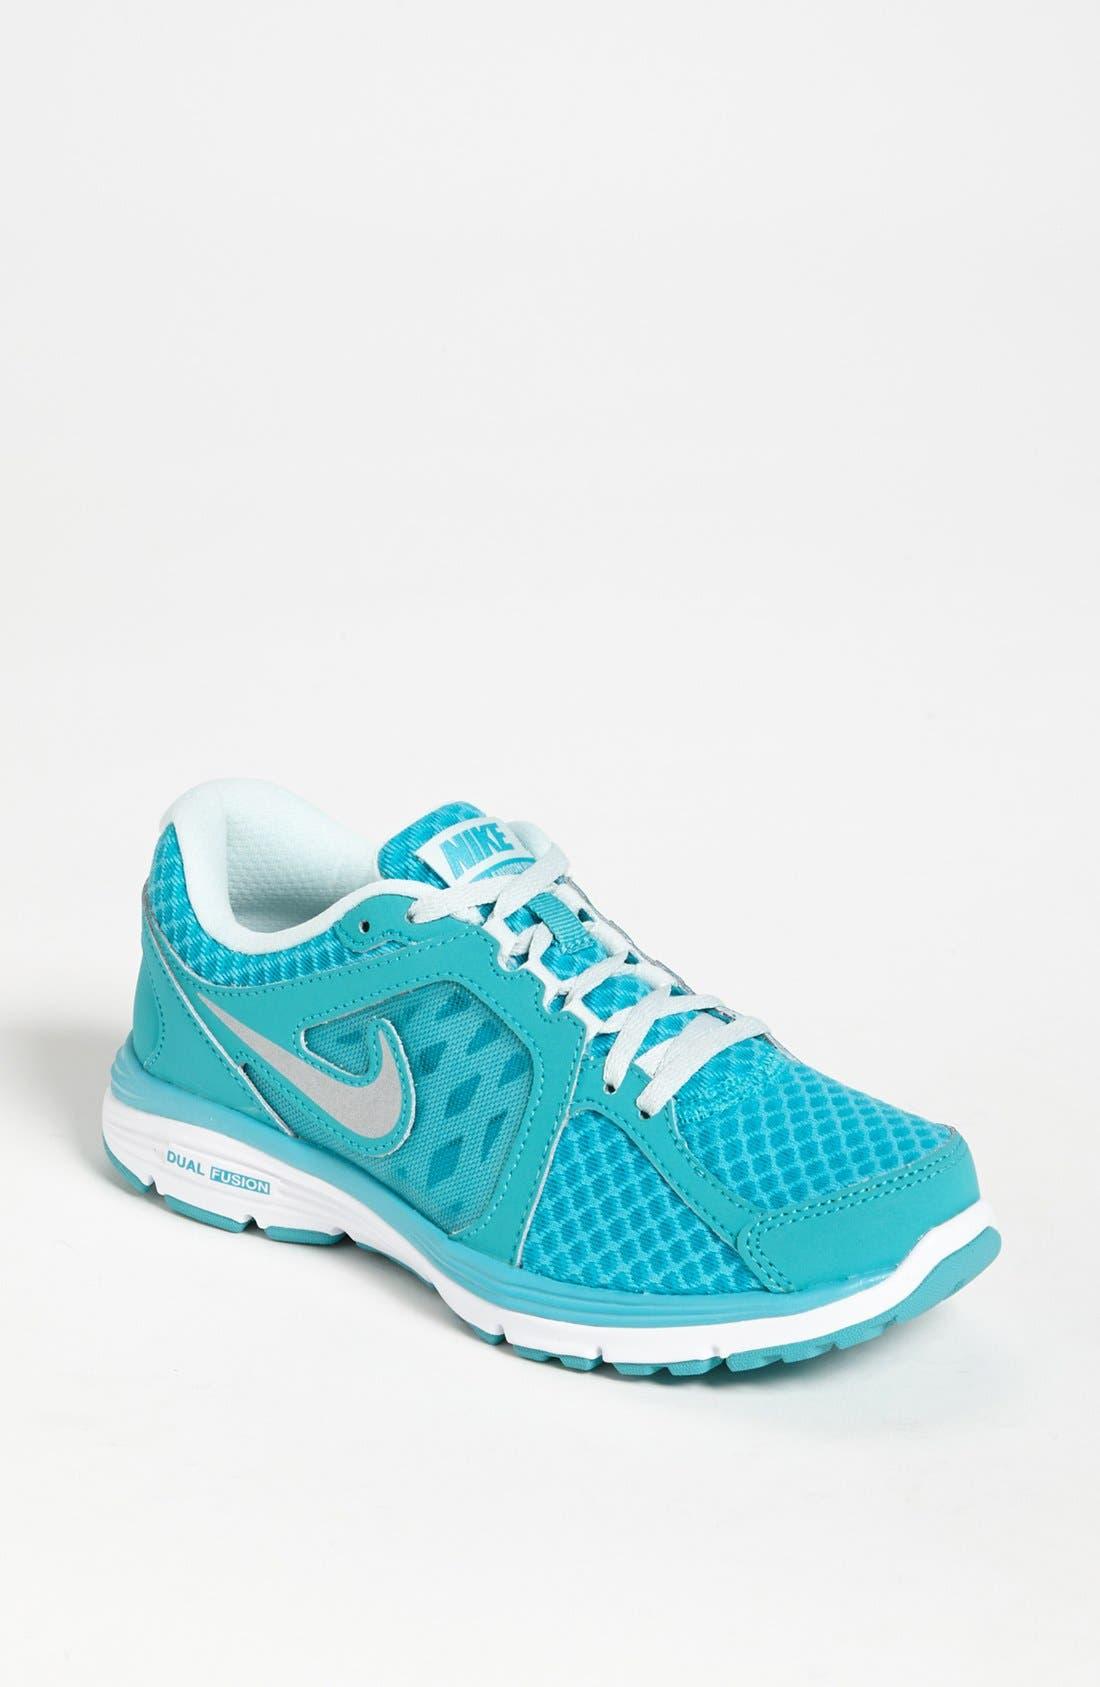 Main Image - Nike 'Dual Fusion Run Breathe' Running Shoe (Women)